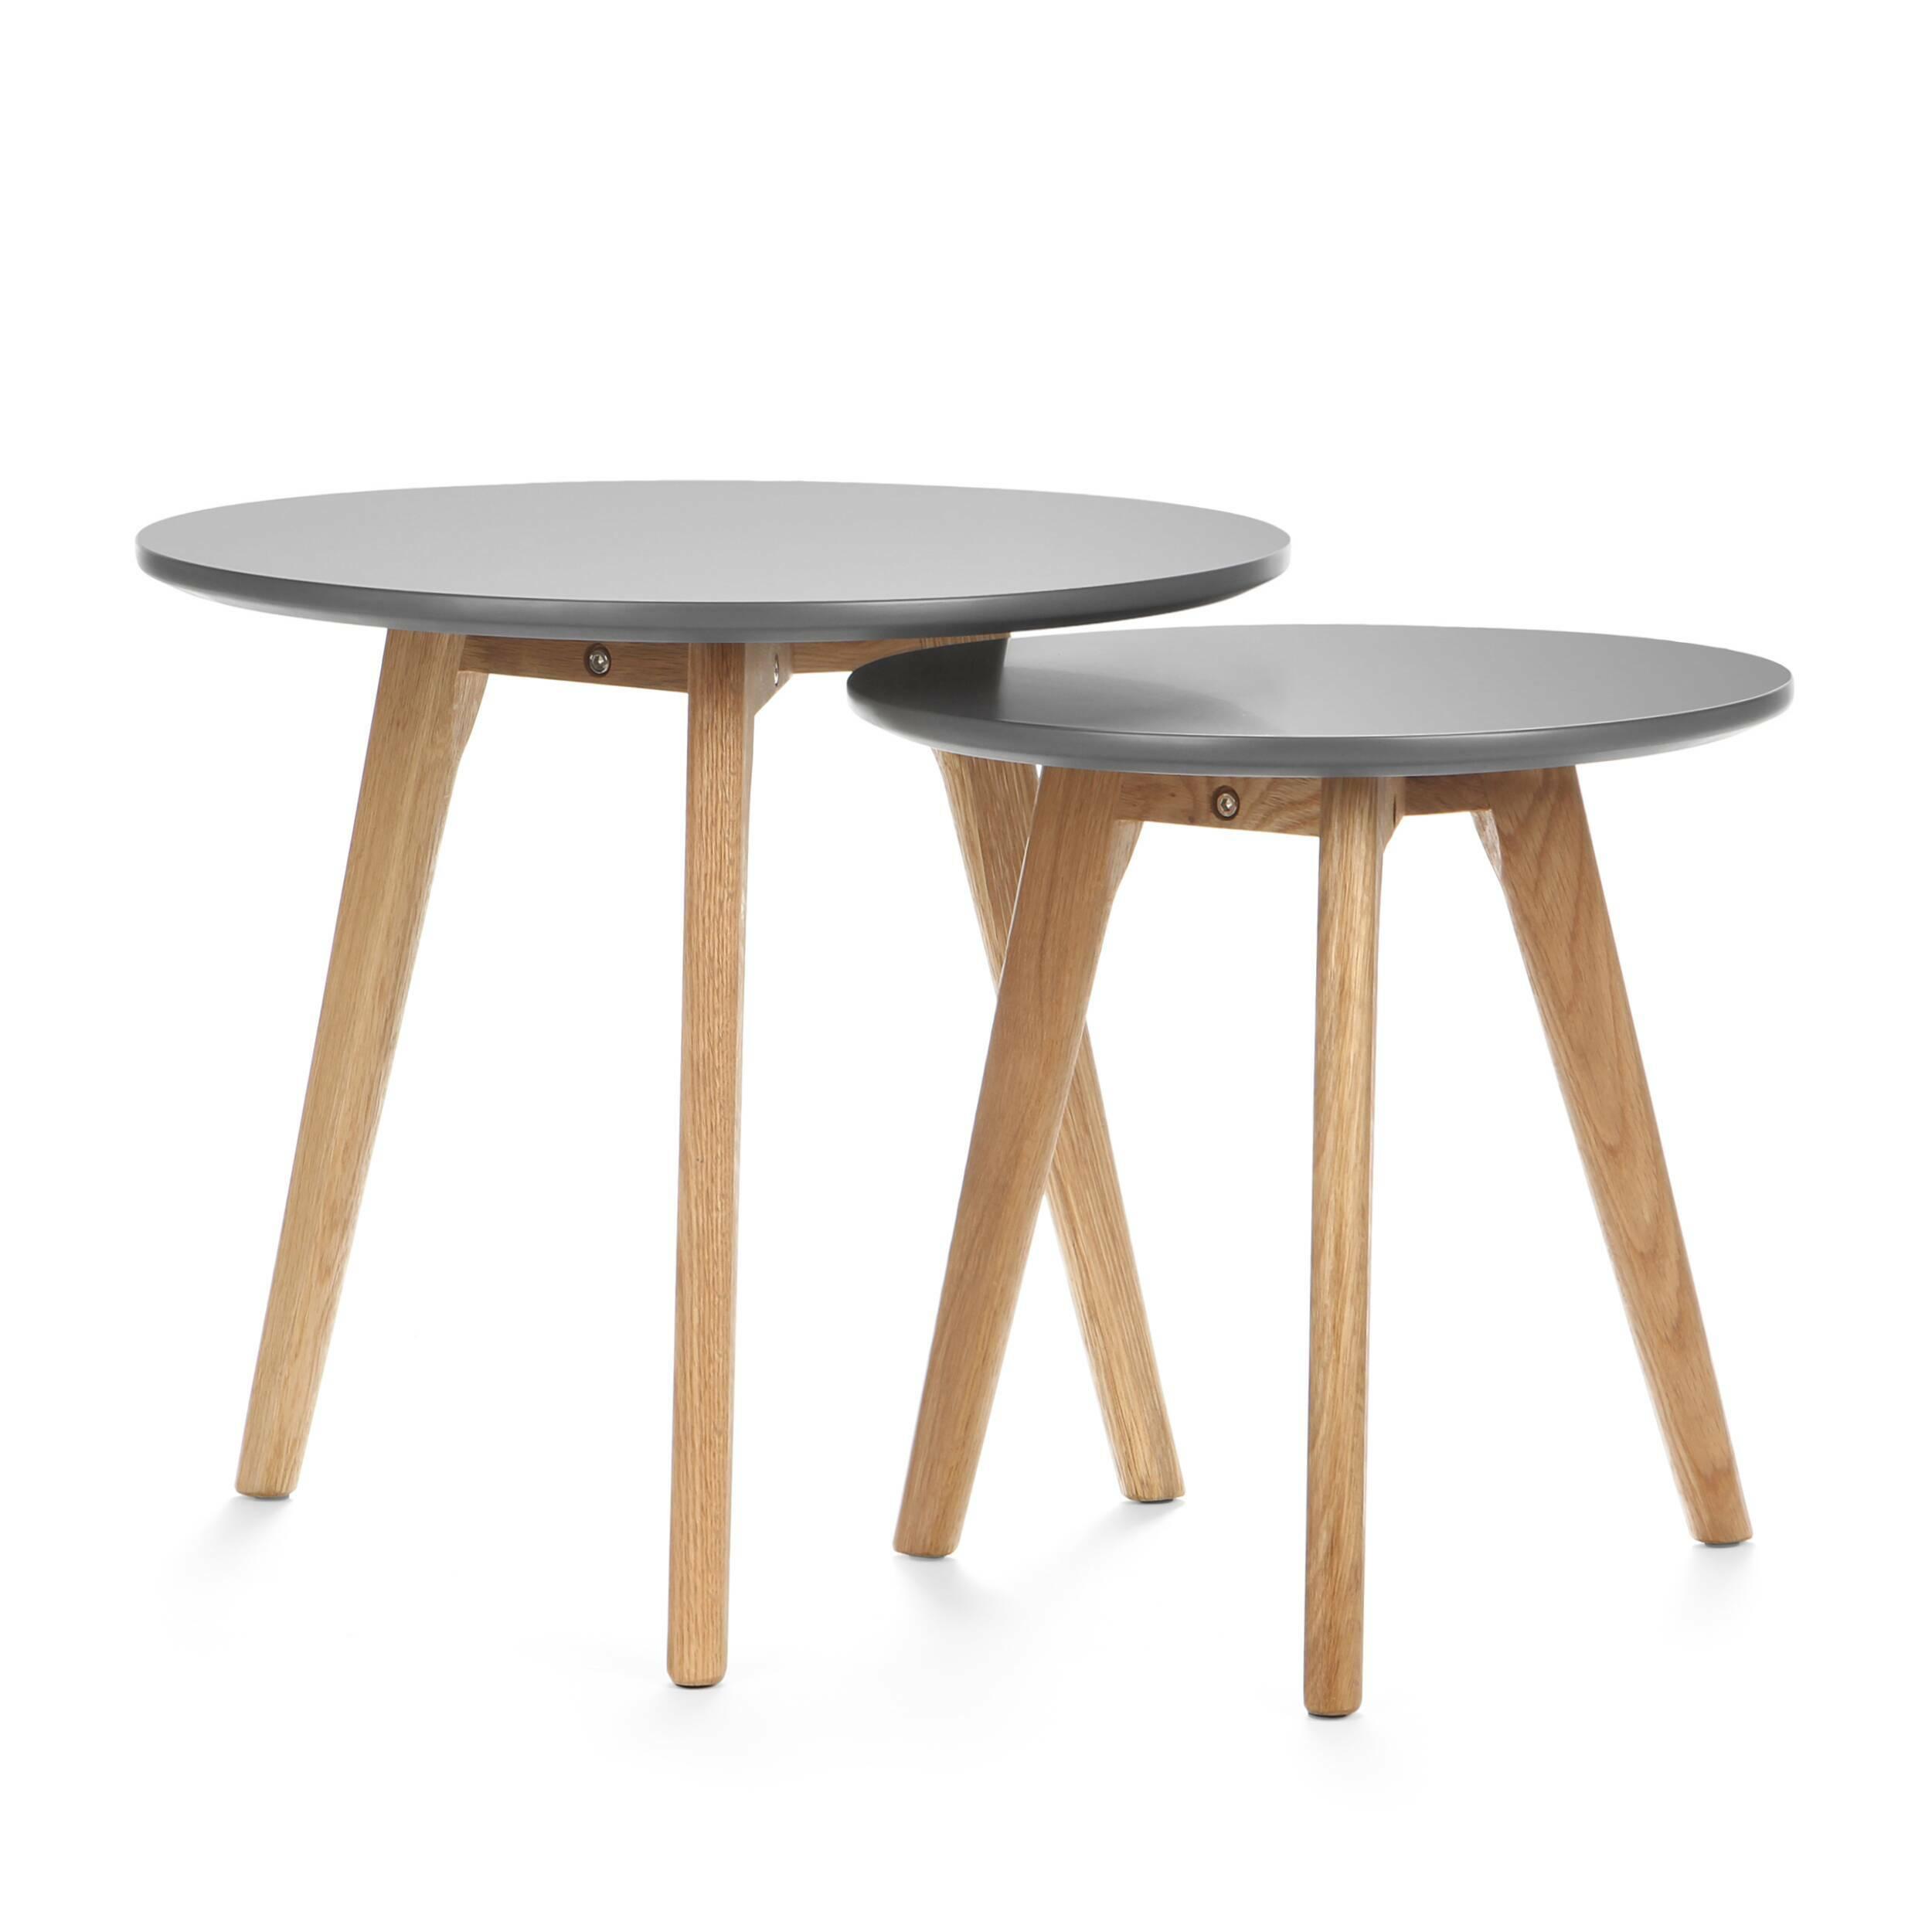 Набор кофейных столов DaisyКофейные столики<br>Дизайнерский небольшой кофейный стол Daisy (Дэйзи) с двумя столешницами на деревянных ножках от Cosmo (Космо).<br><br><br> Многим из нас привычно видеть в жилых домах столы-книжки, и едва ли можно представить гостиную нулевых без нее. Он был компактным решением для трапез в больших семьях. Но время идет, и тренды в дизайне интерьера неизбежно меняются. <br><br><br> Компания Cosmo представляет набор оригинальных кофейных столов Dasie. Это отличное решение для тех, кто любит гостей или просмотр ТВ с по...<br><br>stock: 1<br>Высота: 45; 40<br>Диаметр: 50; 40<br>Цвет ножек: Американский белый дуб<br>Цвет столешницы: Серый<br>Материал ножек: Массив дуба<br>Тип материала столешницы: МДФ<br>Тип материала ножек: Дерево